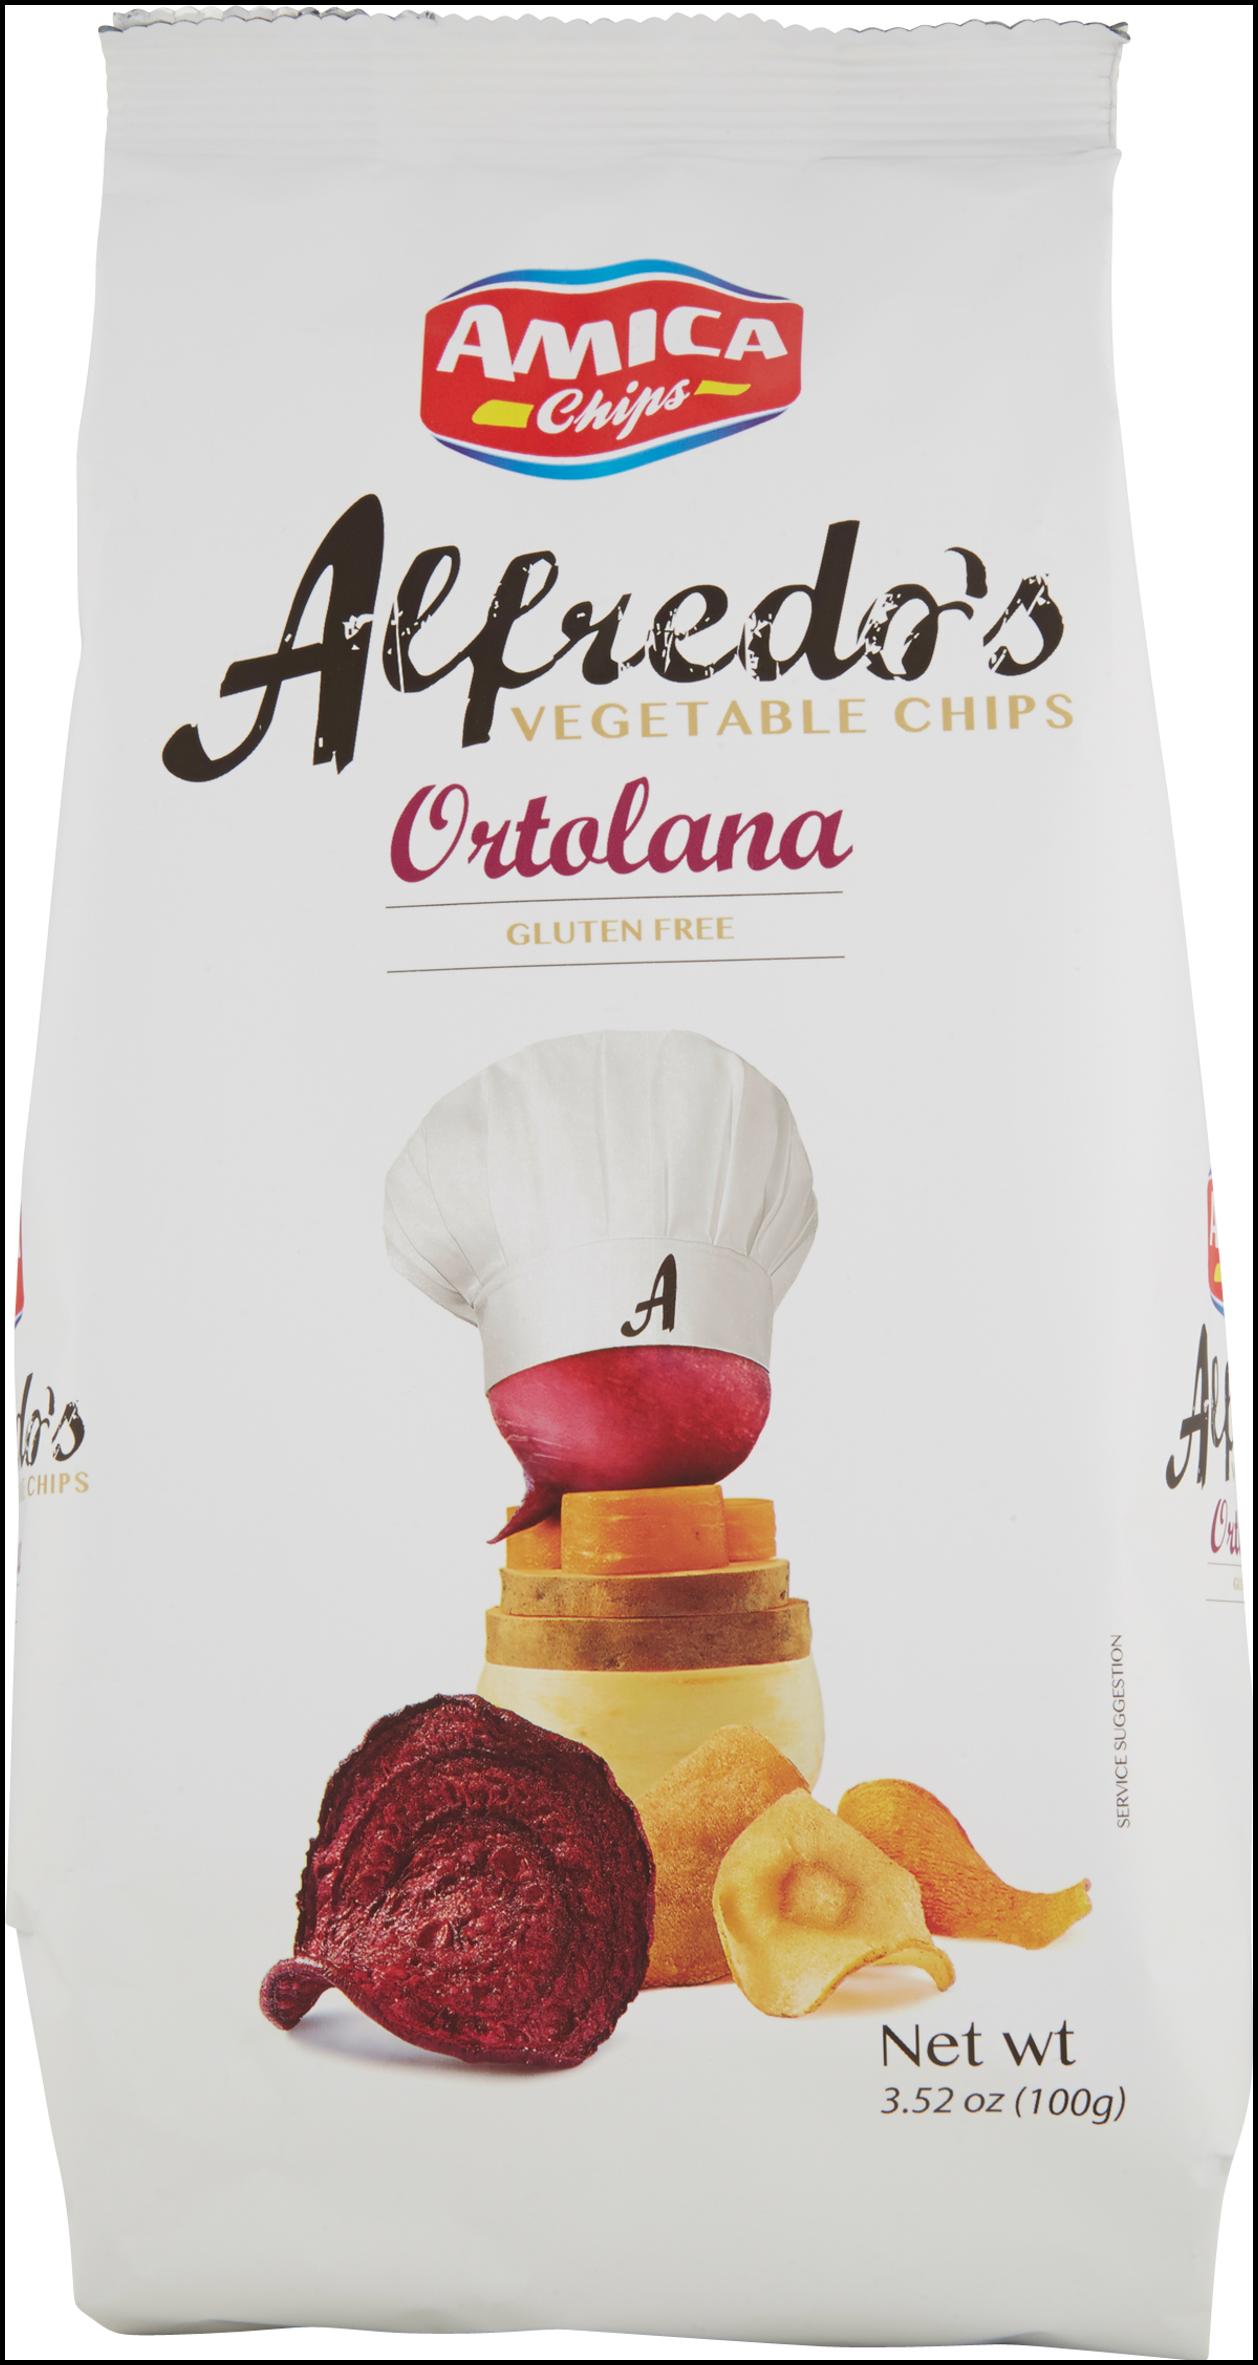 ALFREDO'S AMICA CHIPS 100G ORTOLANA